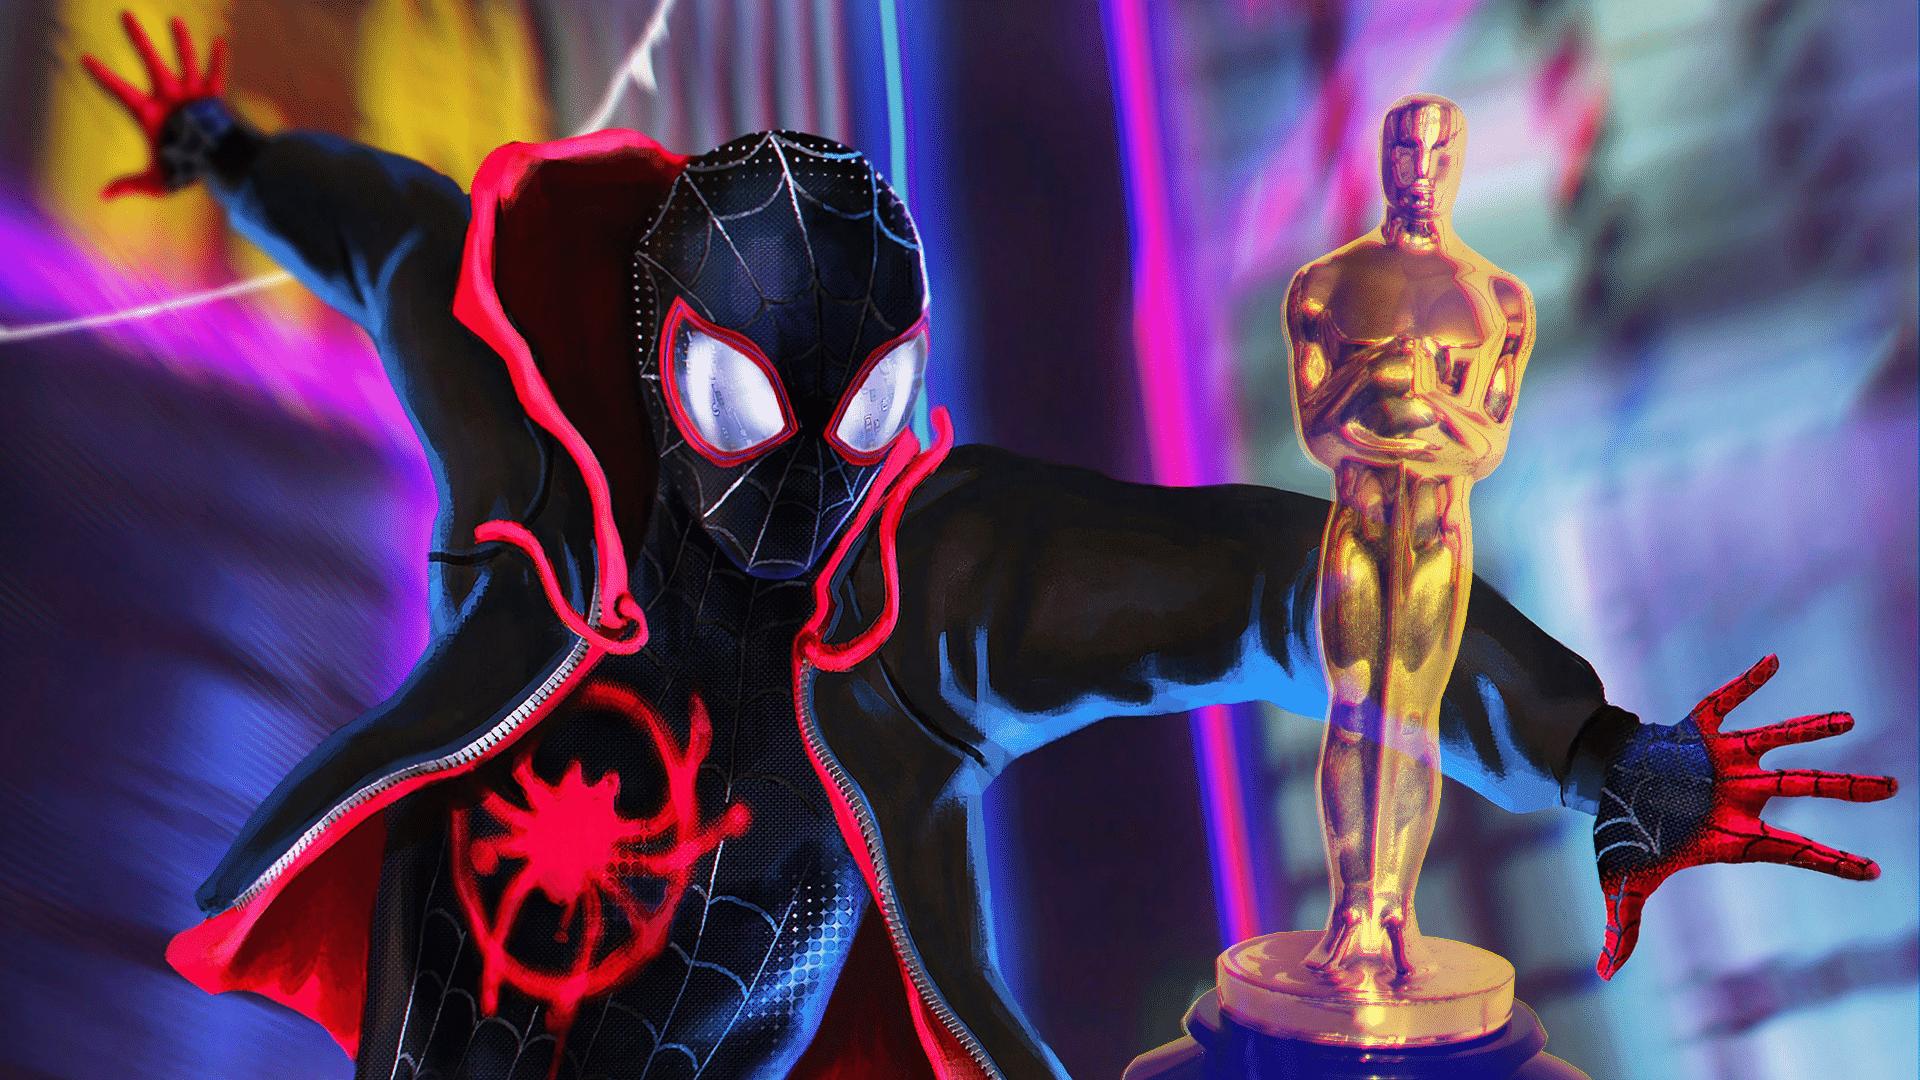 spider-man: paralelne svety